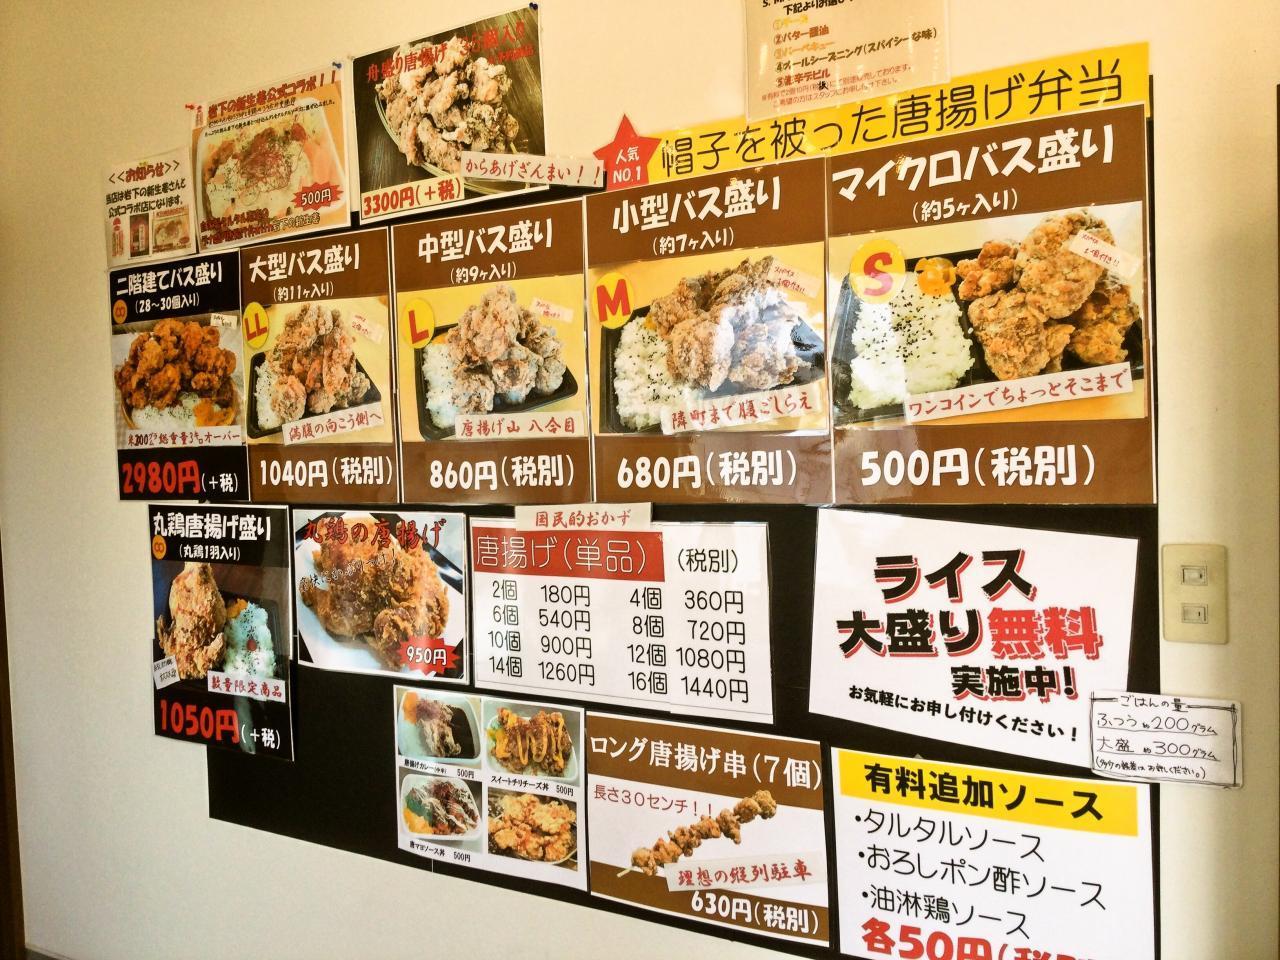 キッチン BUS STOP(店内)